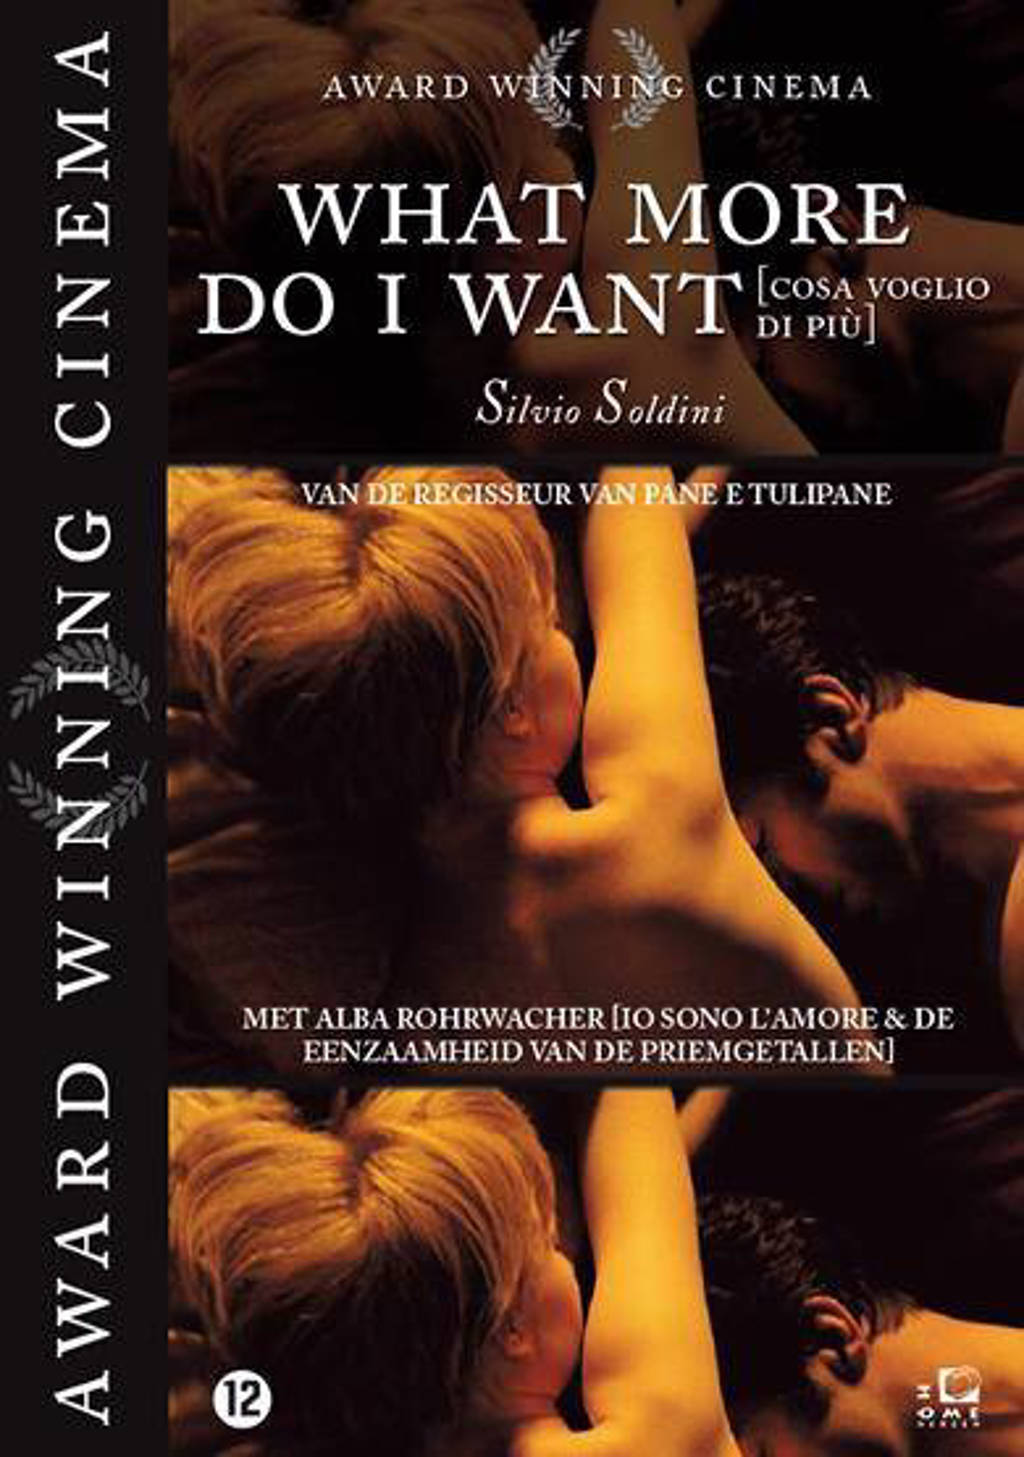 What more do I want (Cosa voglio di piu) (DVD)